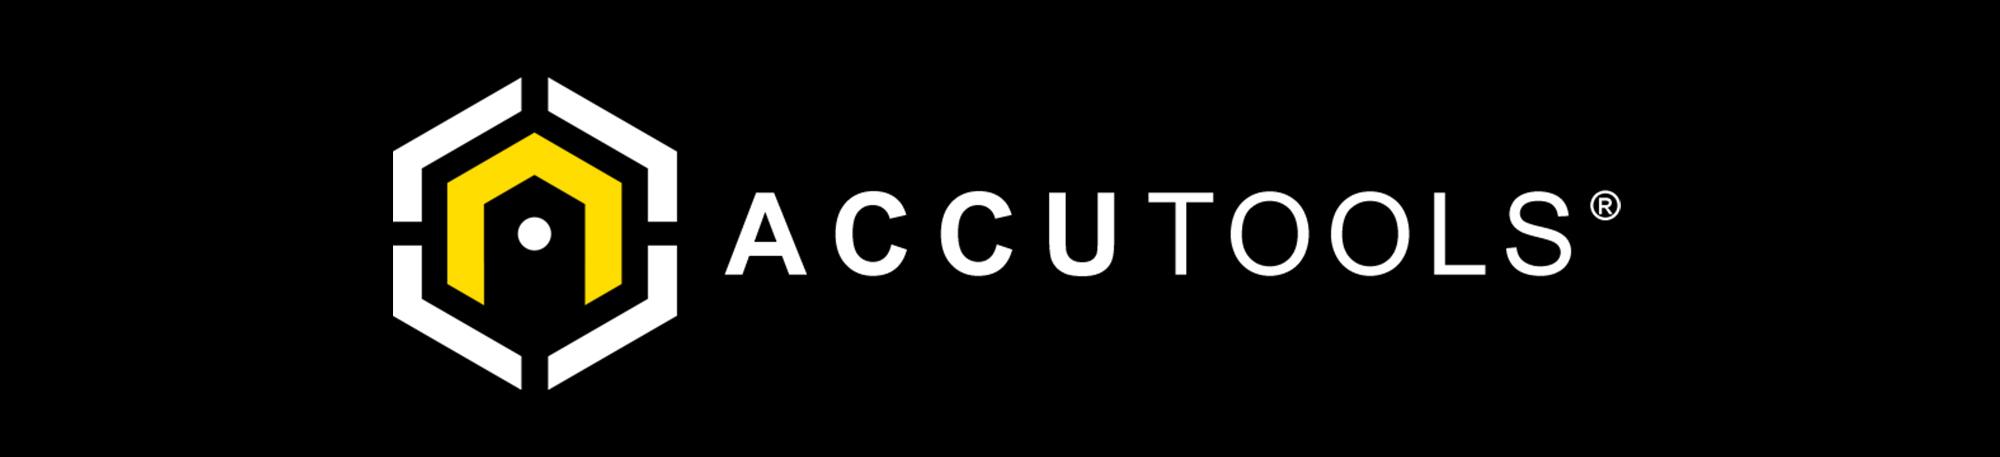 Accutools